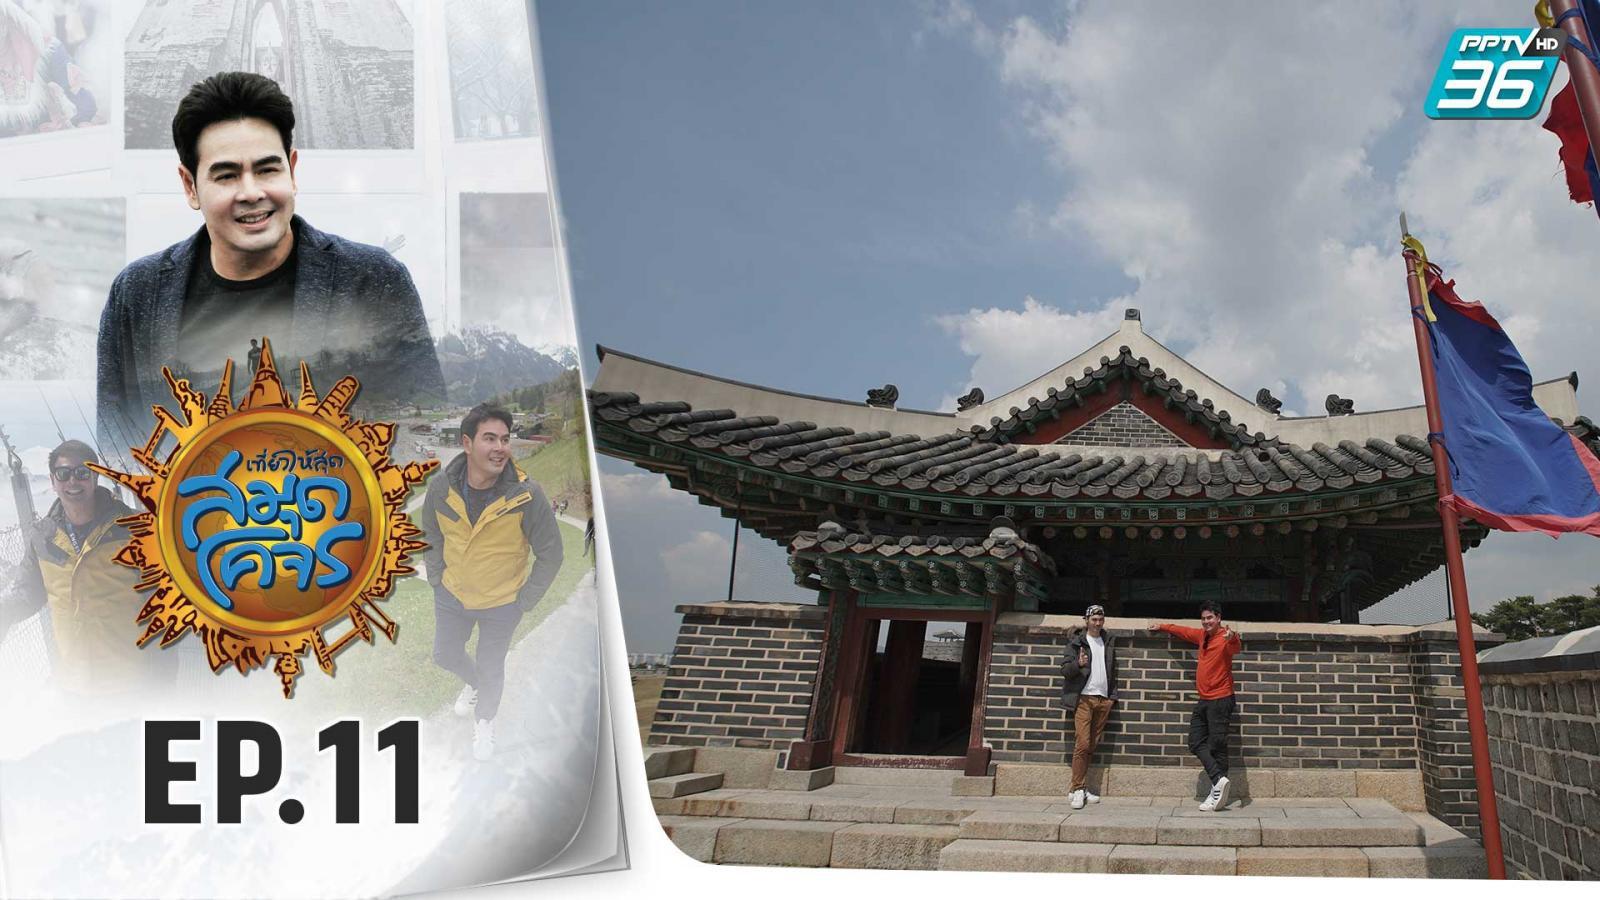 เที่ยวให้สุด สมุดโคจร | Korea_Gyeonggi (เกาหลีใต้)  EP.11